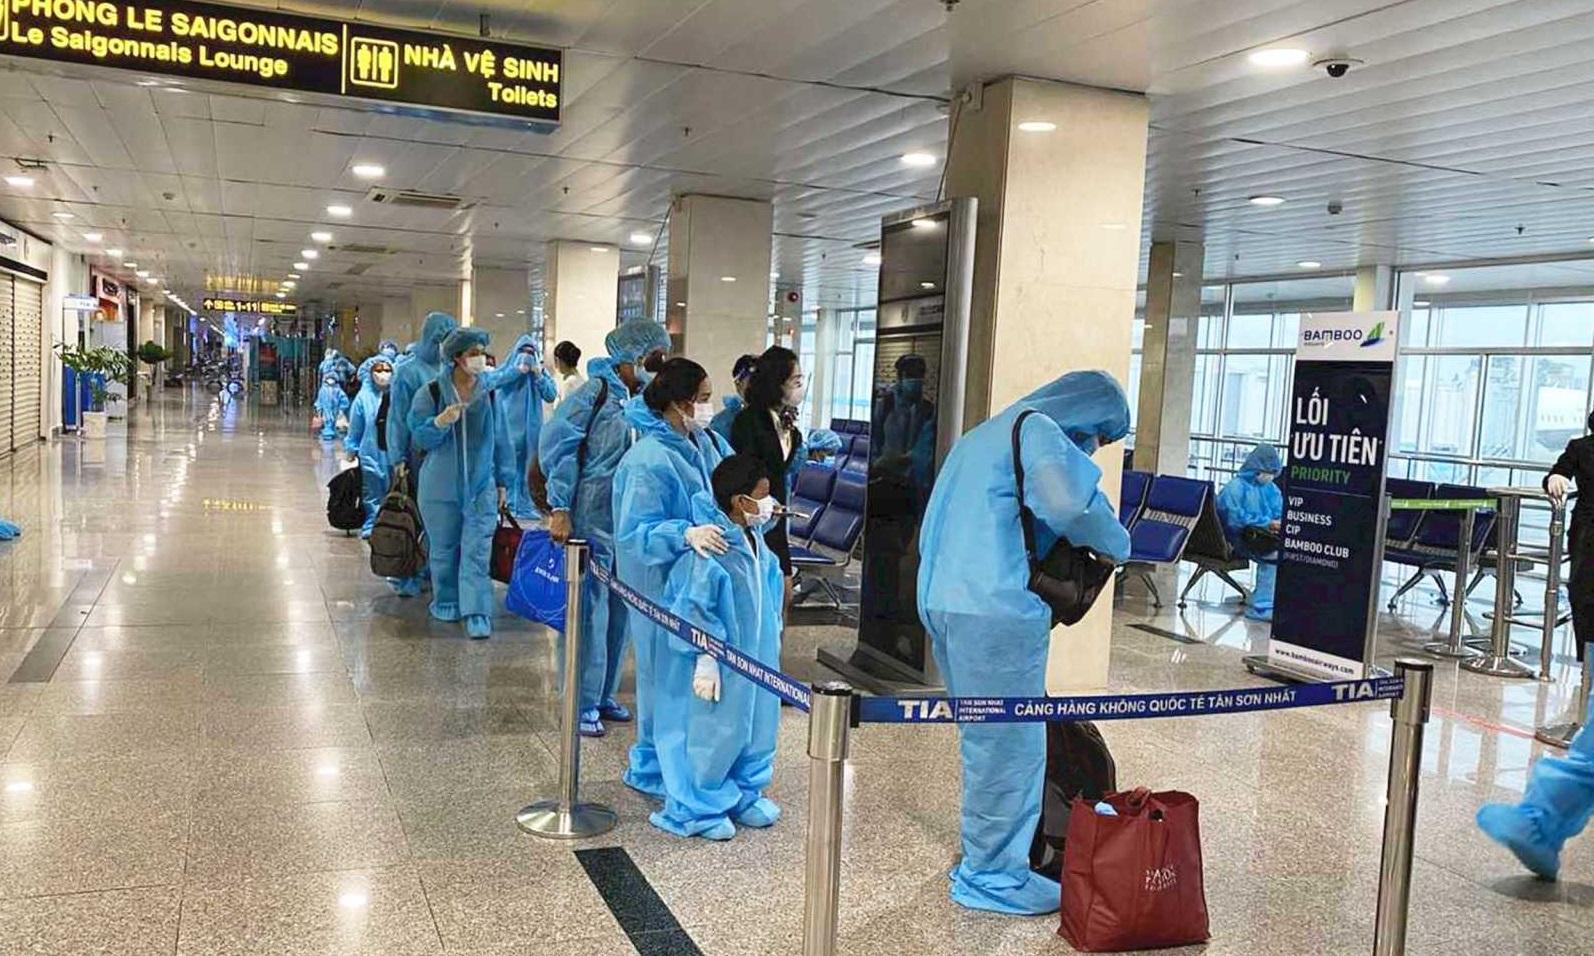 Bamboo Airways phối hợp tổ chức các chuyến bay đặc biệt đưa người Hà Tĩnh từ TP.HCM và các tỉnh miền Nam về quê